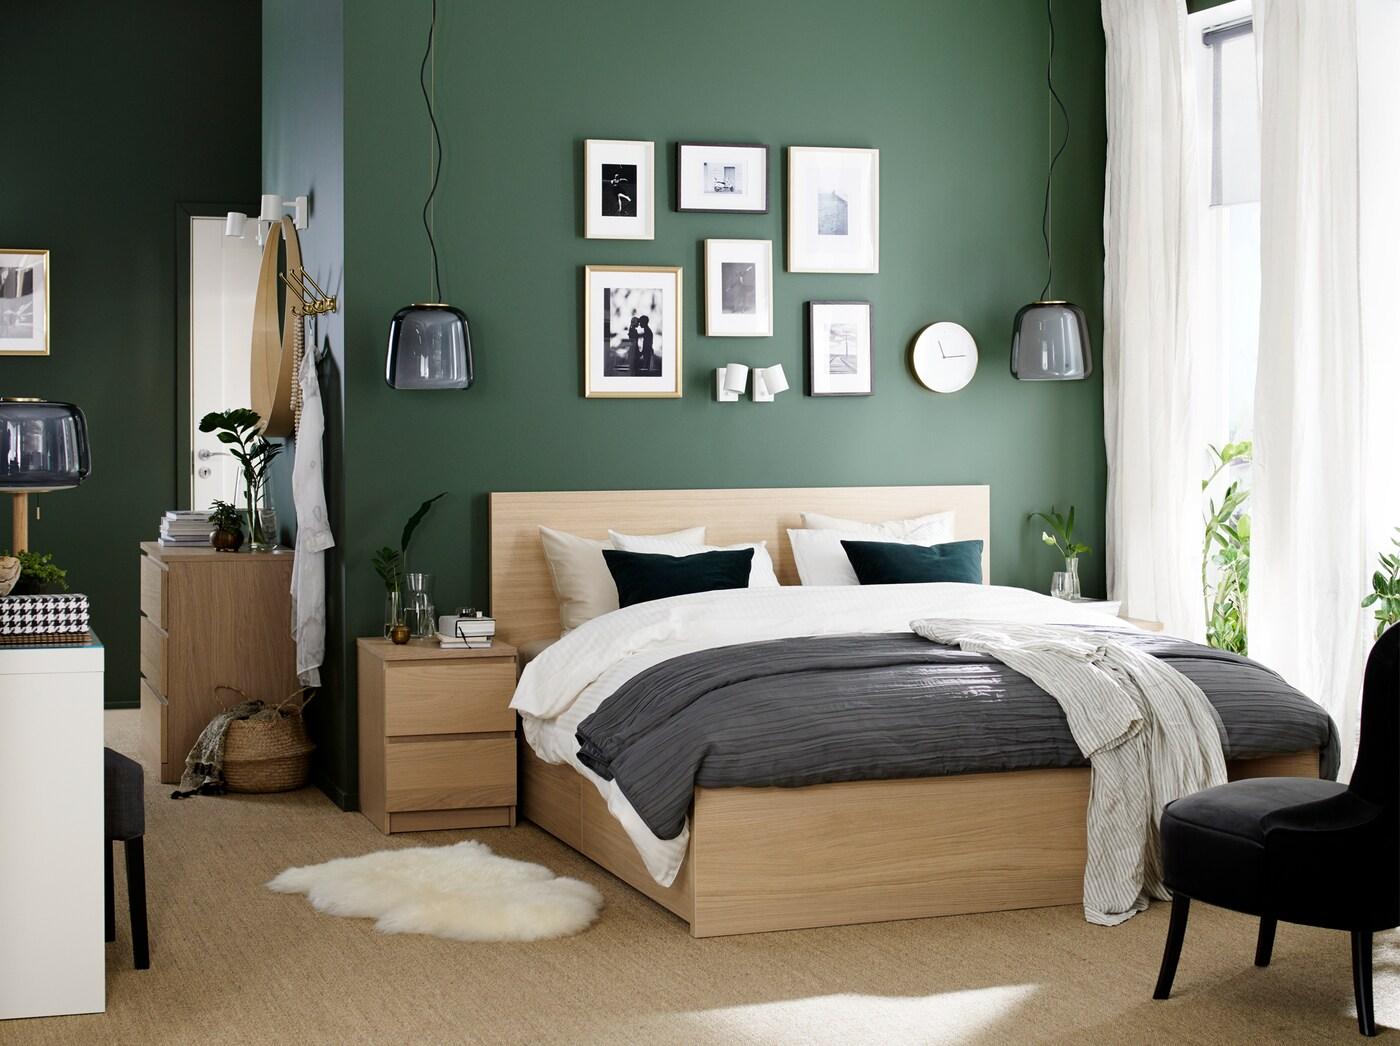 Se vi piacciono gli stili alla moda, ikea ha pensato anche a voi. Stile E Comfort Parole D Ordine Per Lavoro E Riposo Ikea Svizzera